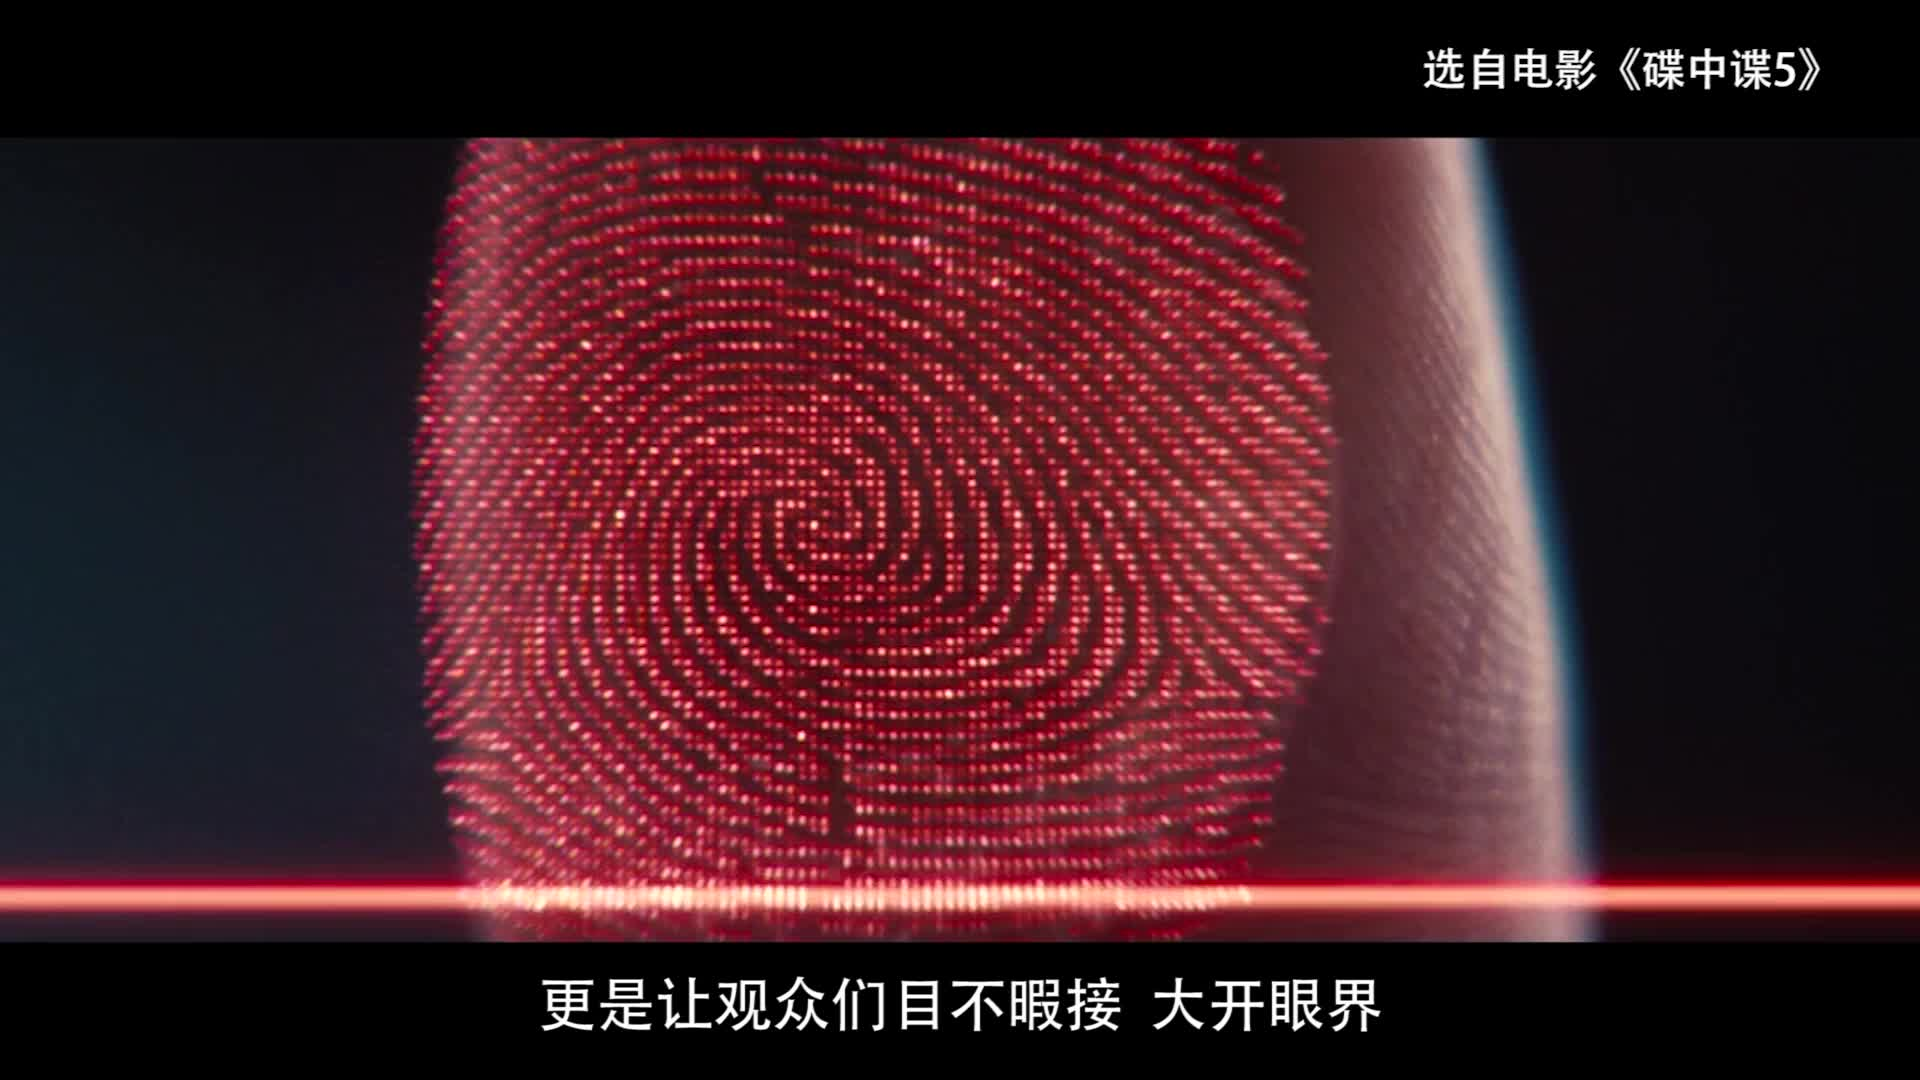 《物理大师》77信息之路-人工智能的号角